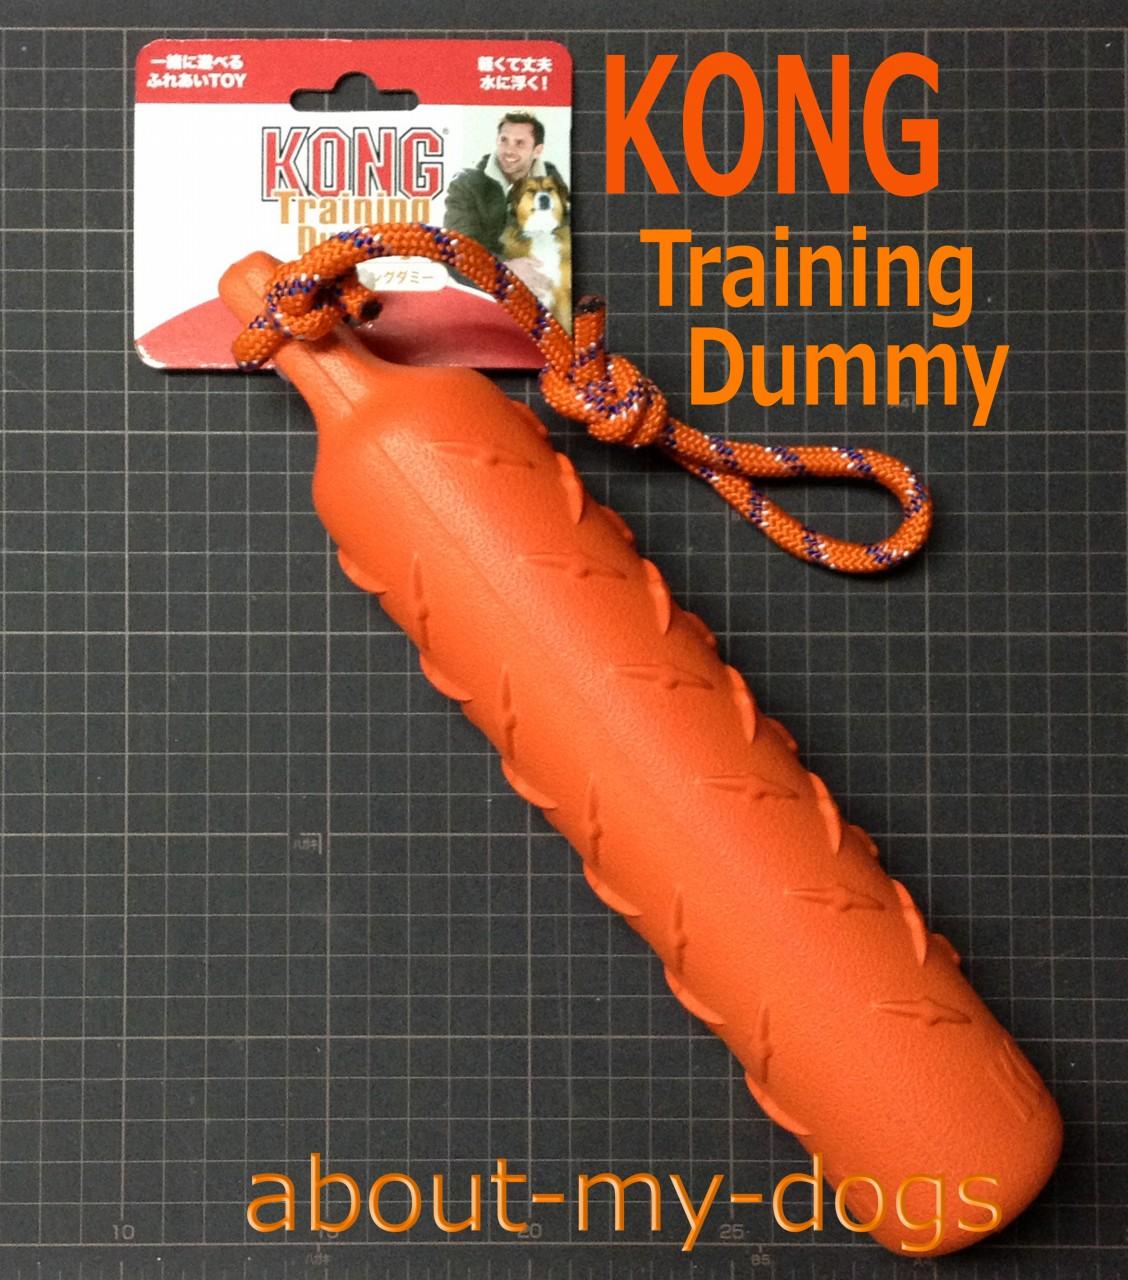 コング トレーニングダミー